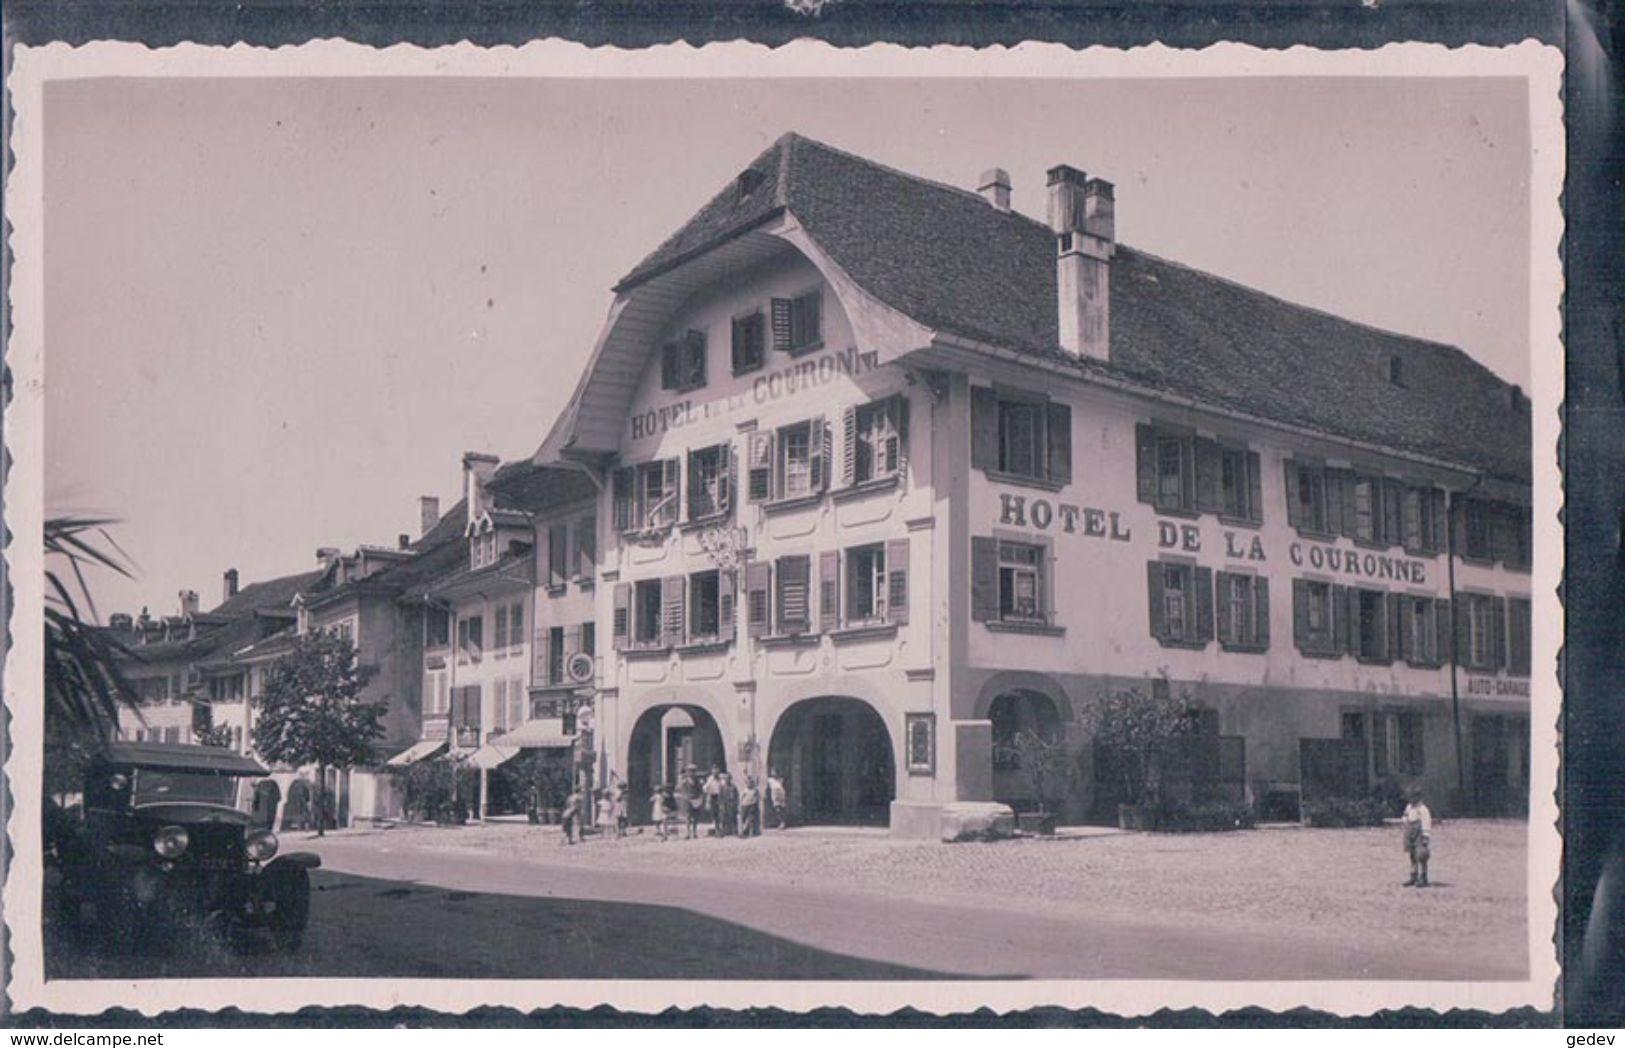 Avenches, Hôtel De La Couronne, Automobile (299) - VD Vaud